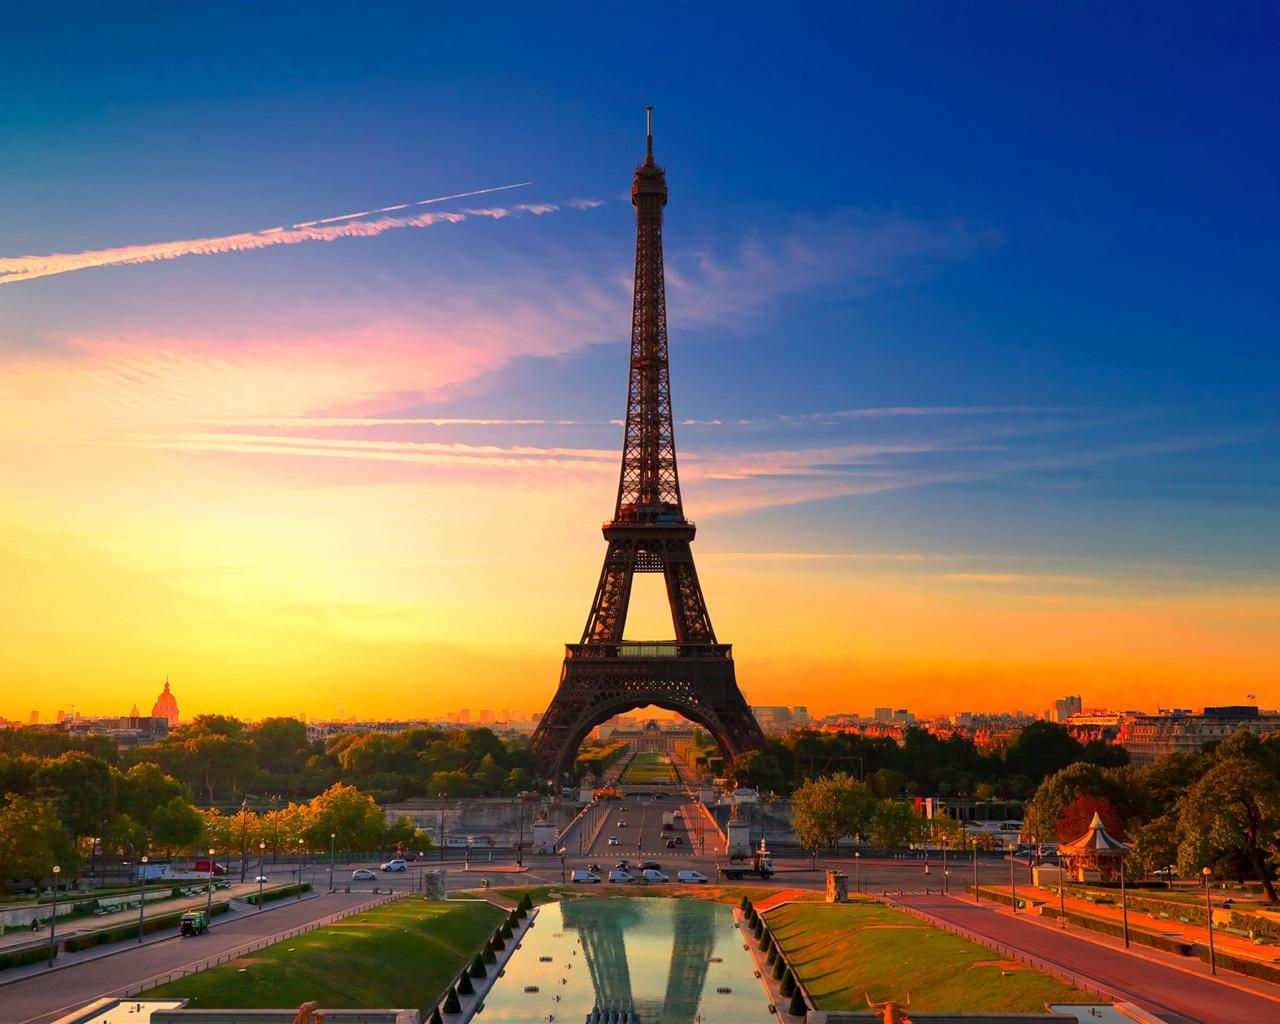 Париж франция эйфелева башня обои